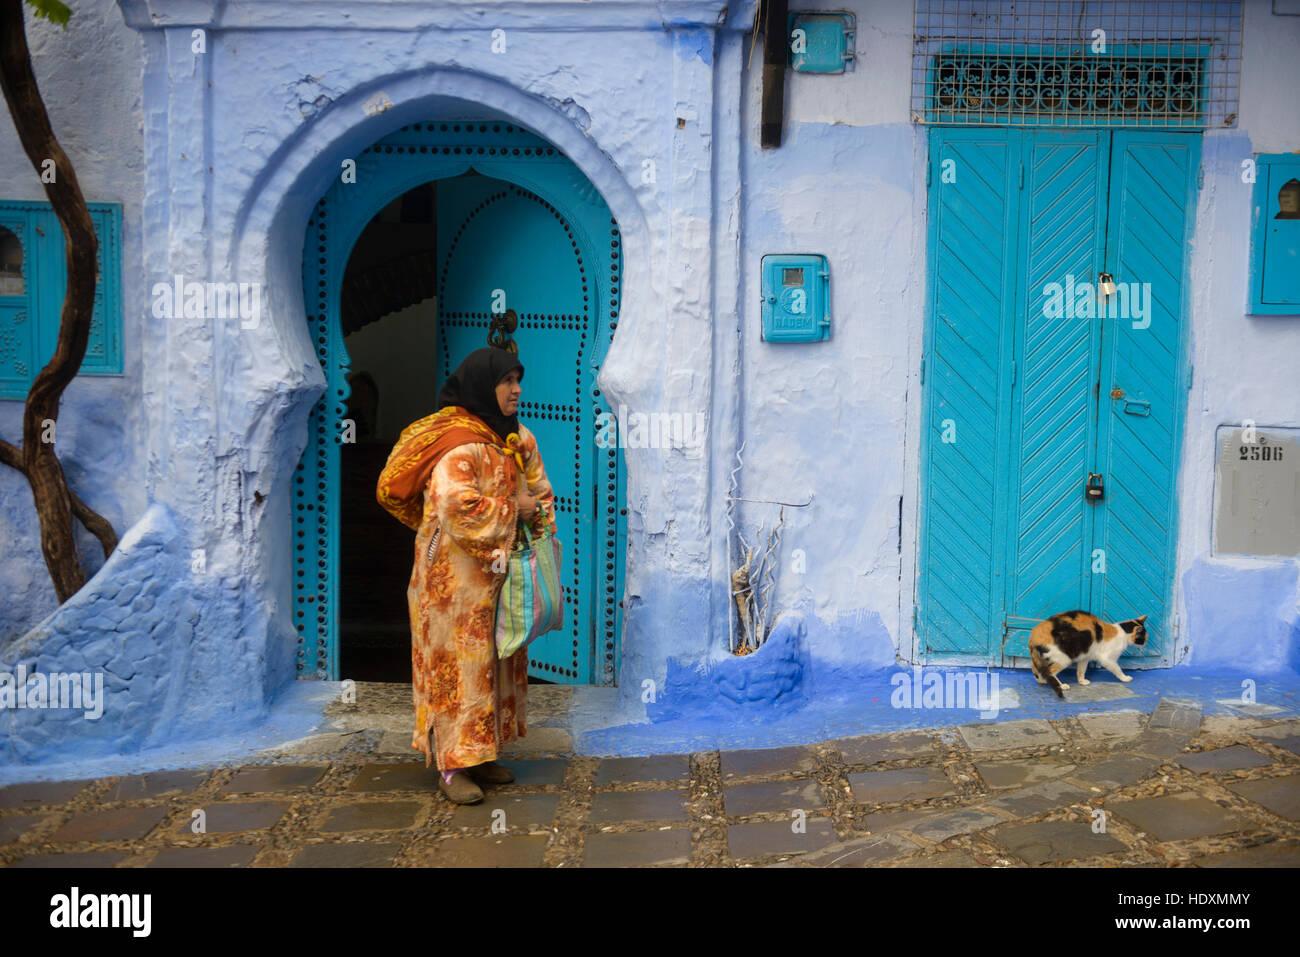 Rues et ruelles de la médina de Chefchaouen, Maroc Photo Stock